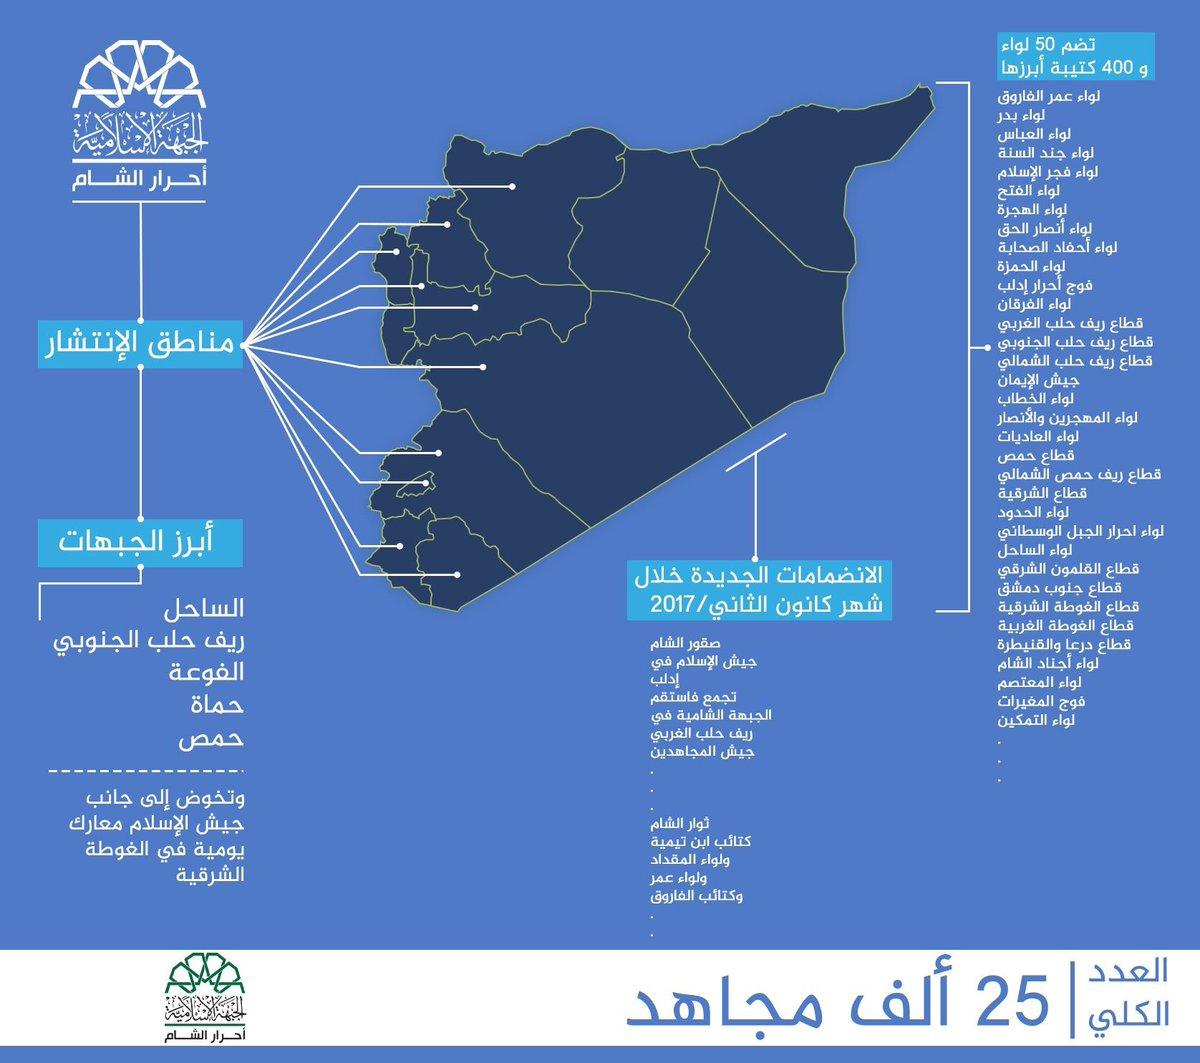 Сводка событий в Сирии за 4-5 февраля 2017 года